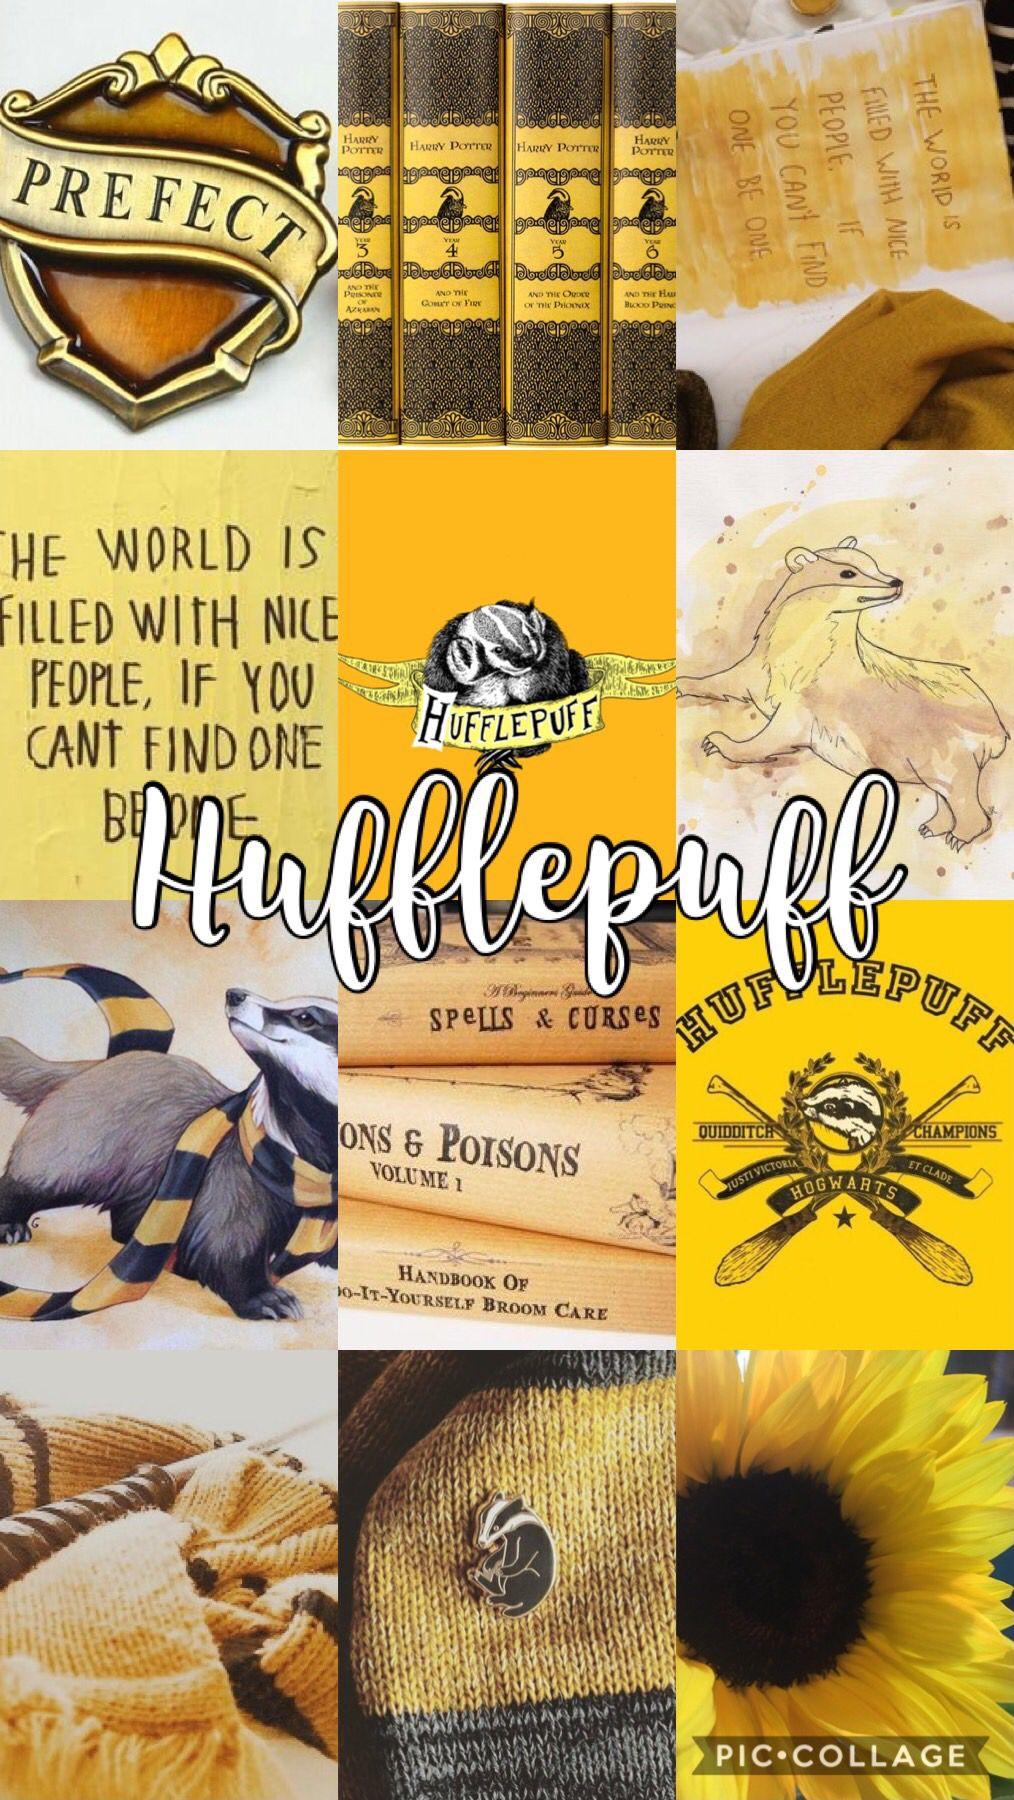 Hufflepuff Wallpaper Harry Potter Wallpaper Hufflepuff Wallpaper Harry Potter Fantastic Beasts